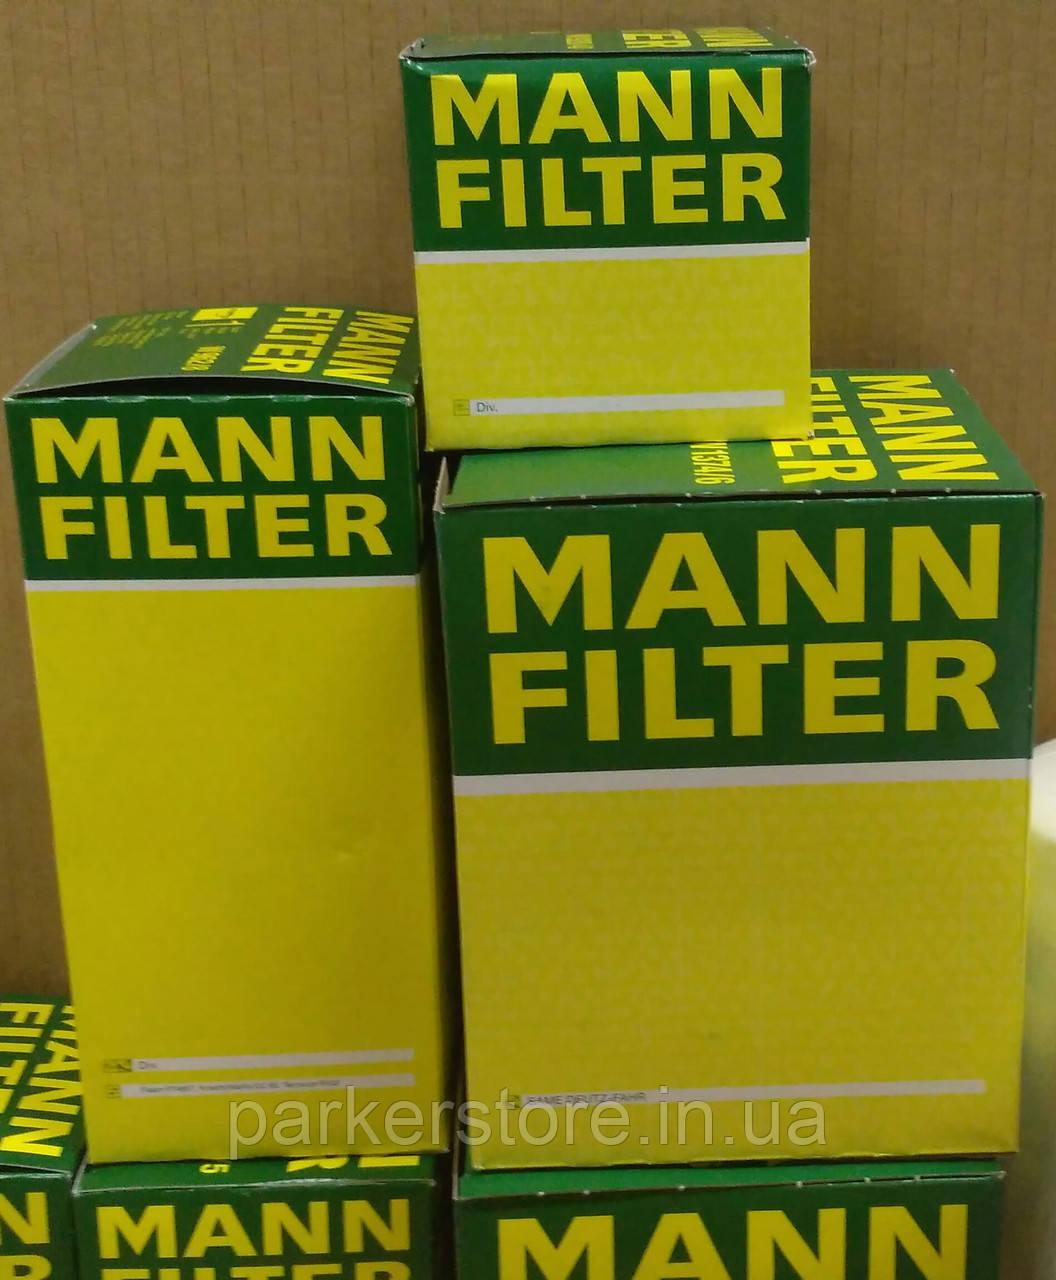 MANN FILTER / Воздушный фильтр / C 16 400 / C16400